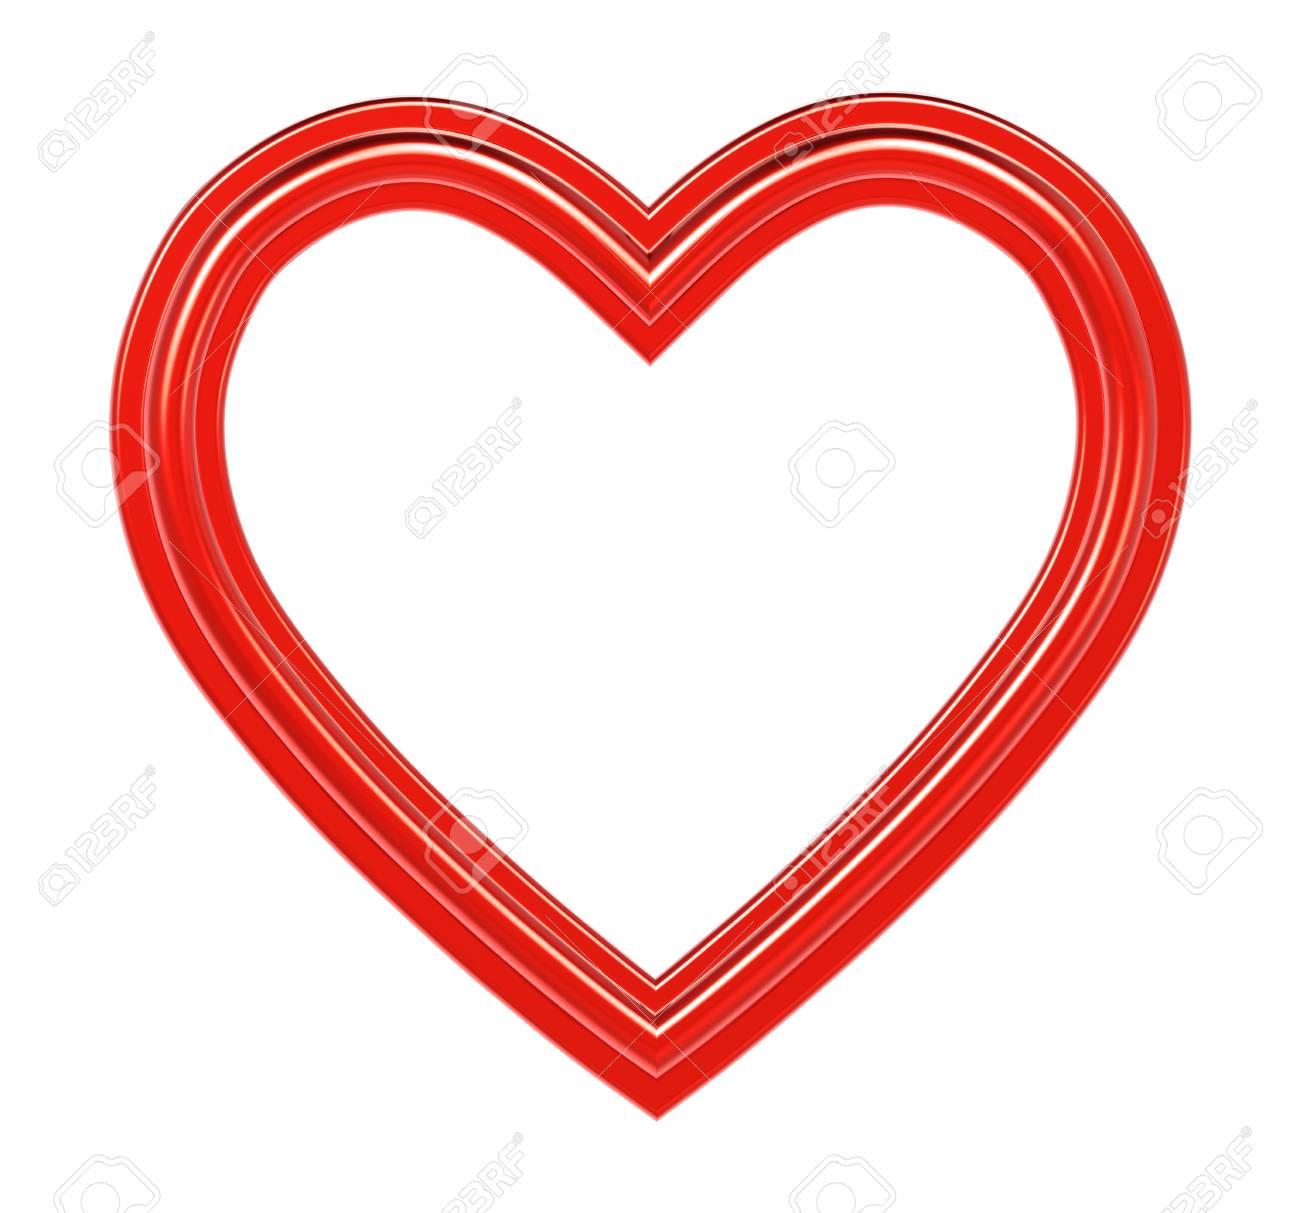 Rotes Herz-Bilderrahmen Isoliert Auf Weiß. 3D-Darstellung ...